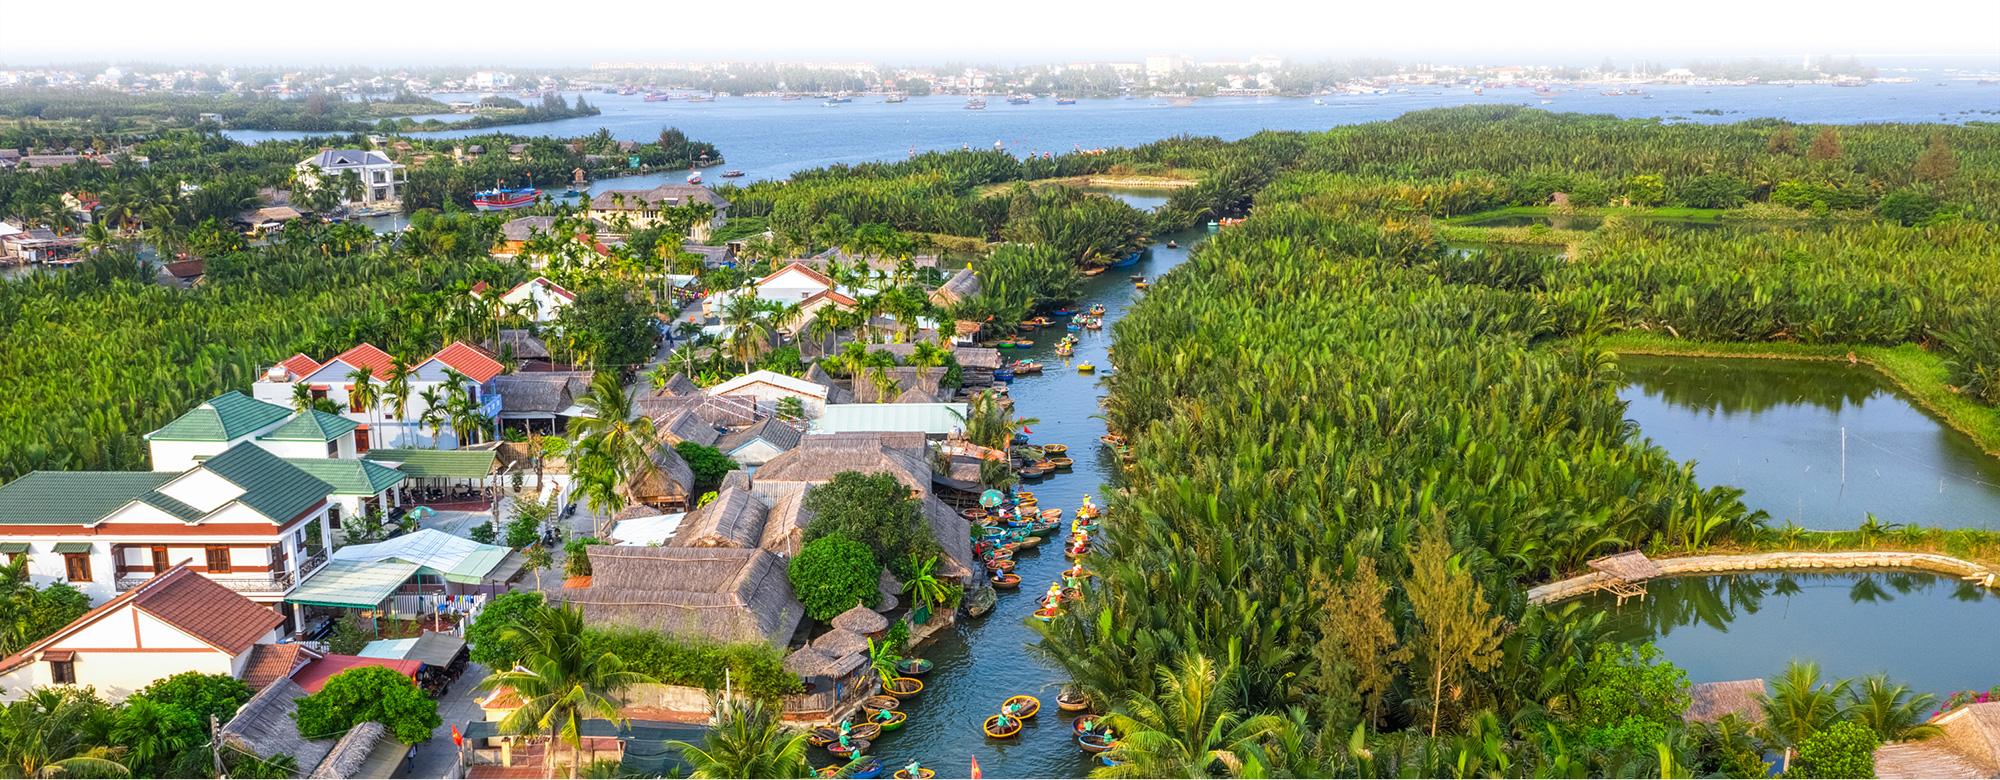 Định hình chuỗi đô thị mới bên sông Cổ Cò: bài toán chiến lược phát triển vùng Đà Nẵng - Hội An - Quảng Nam - Ảnh 7.